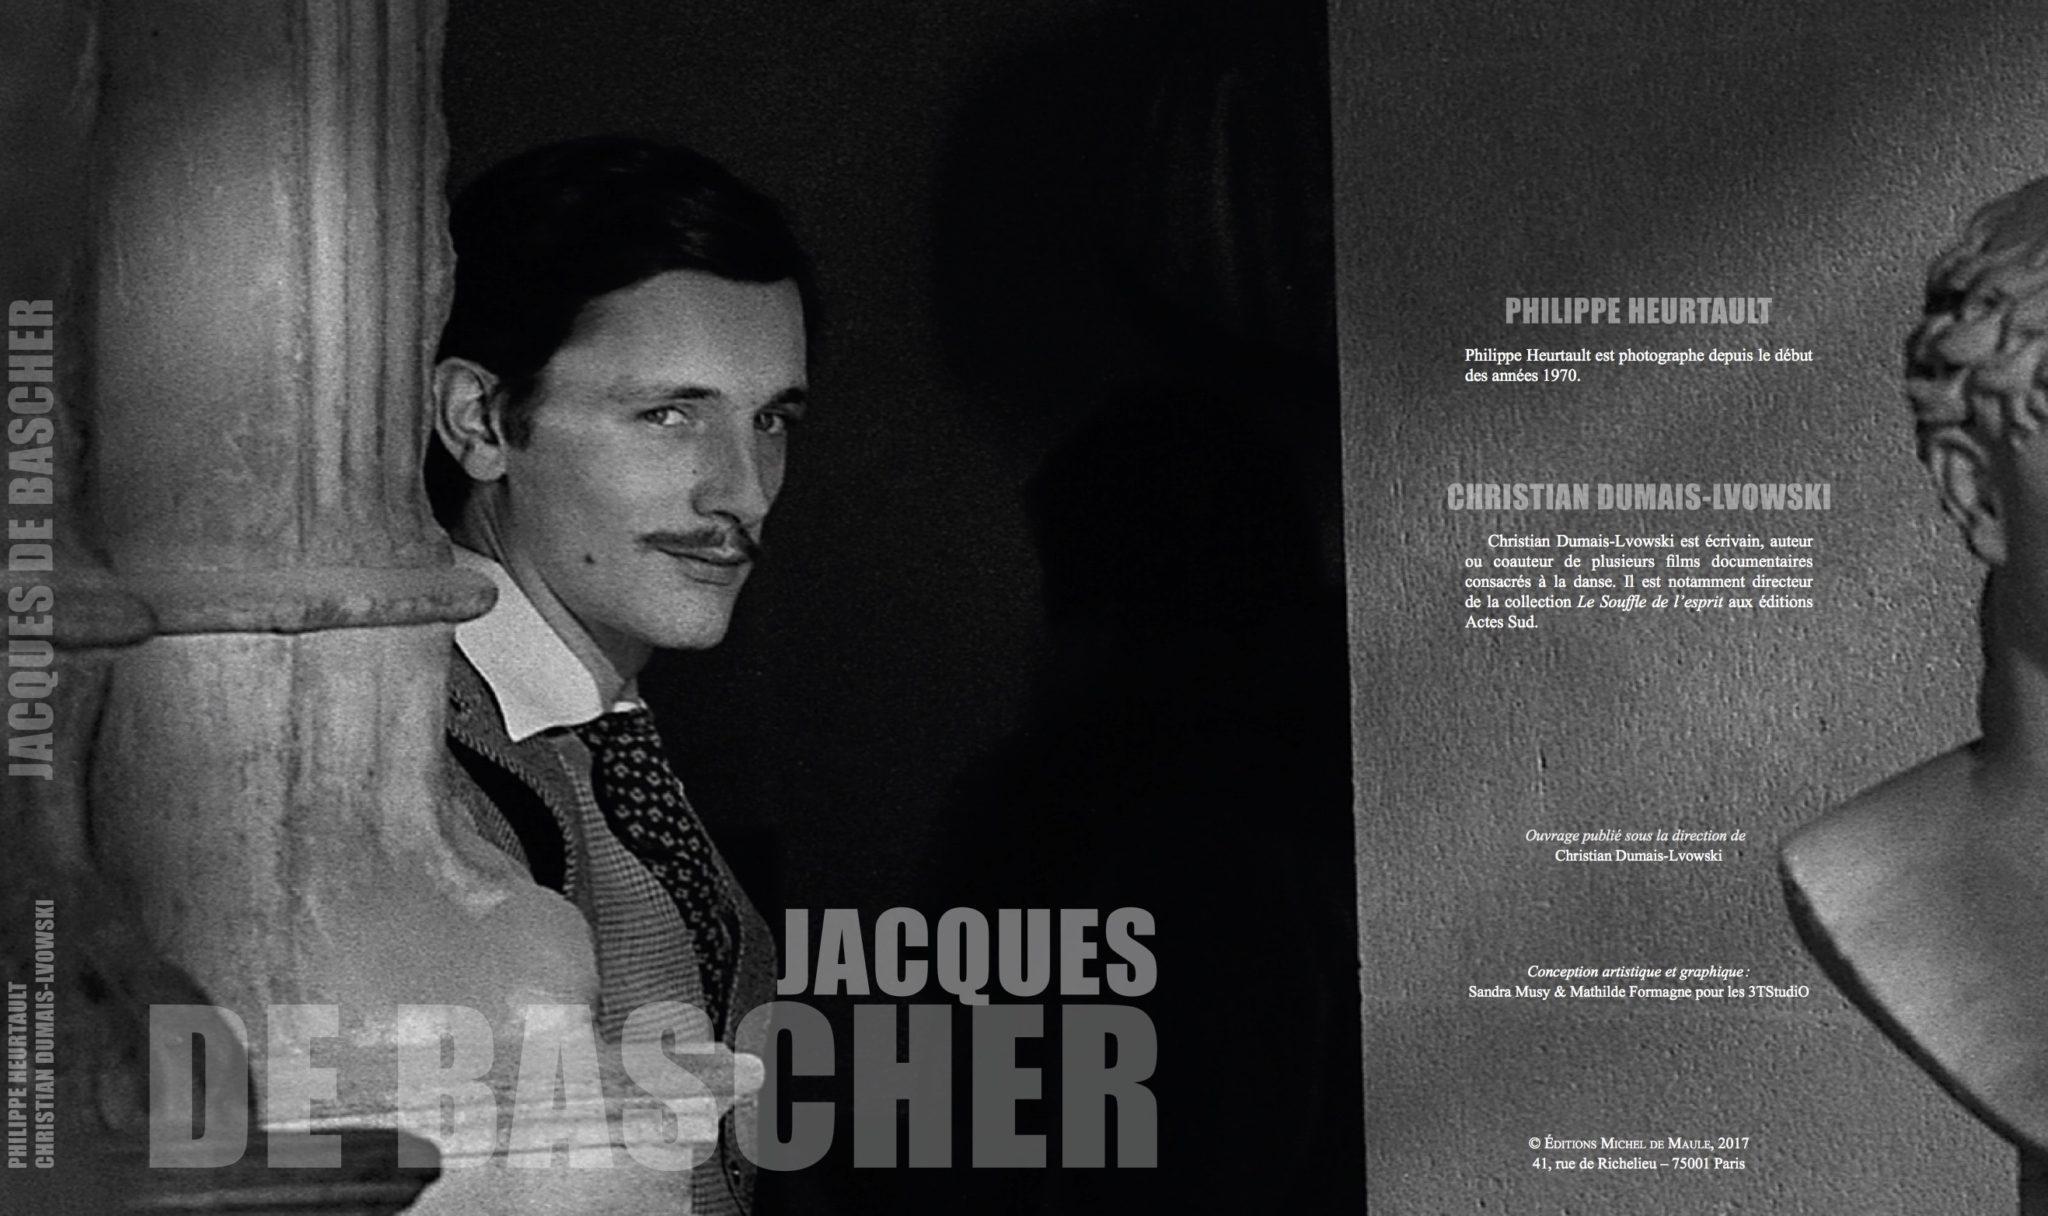 Jacques de Bascher, éloge de la chute de Philippe Heurtault & Christian Dumais-Lvowski image livre première de couverture et tranche